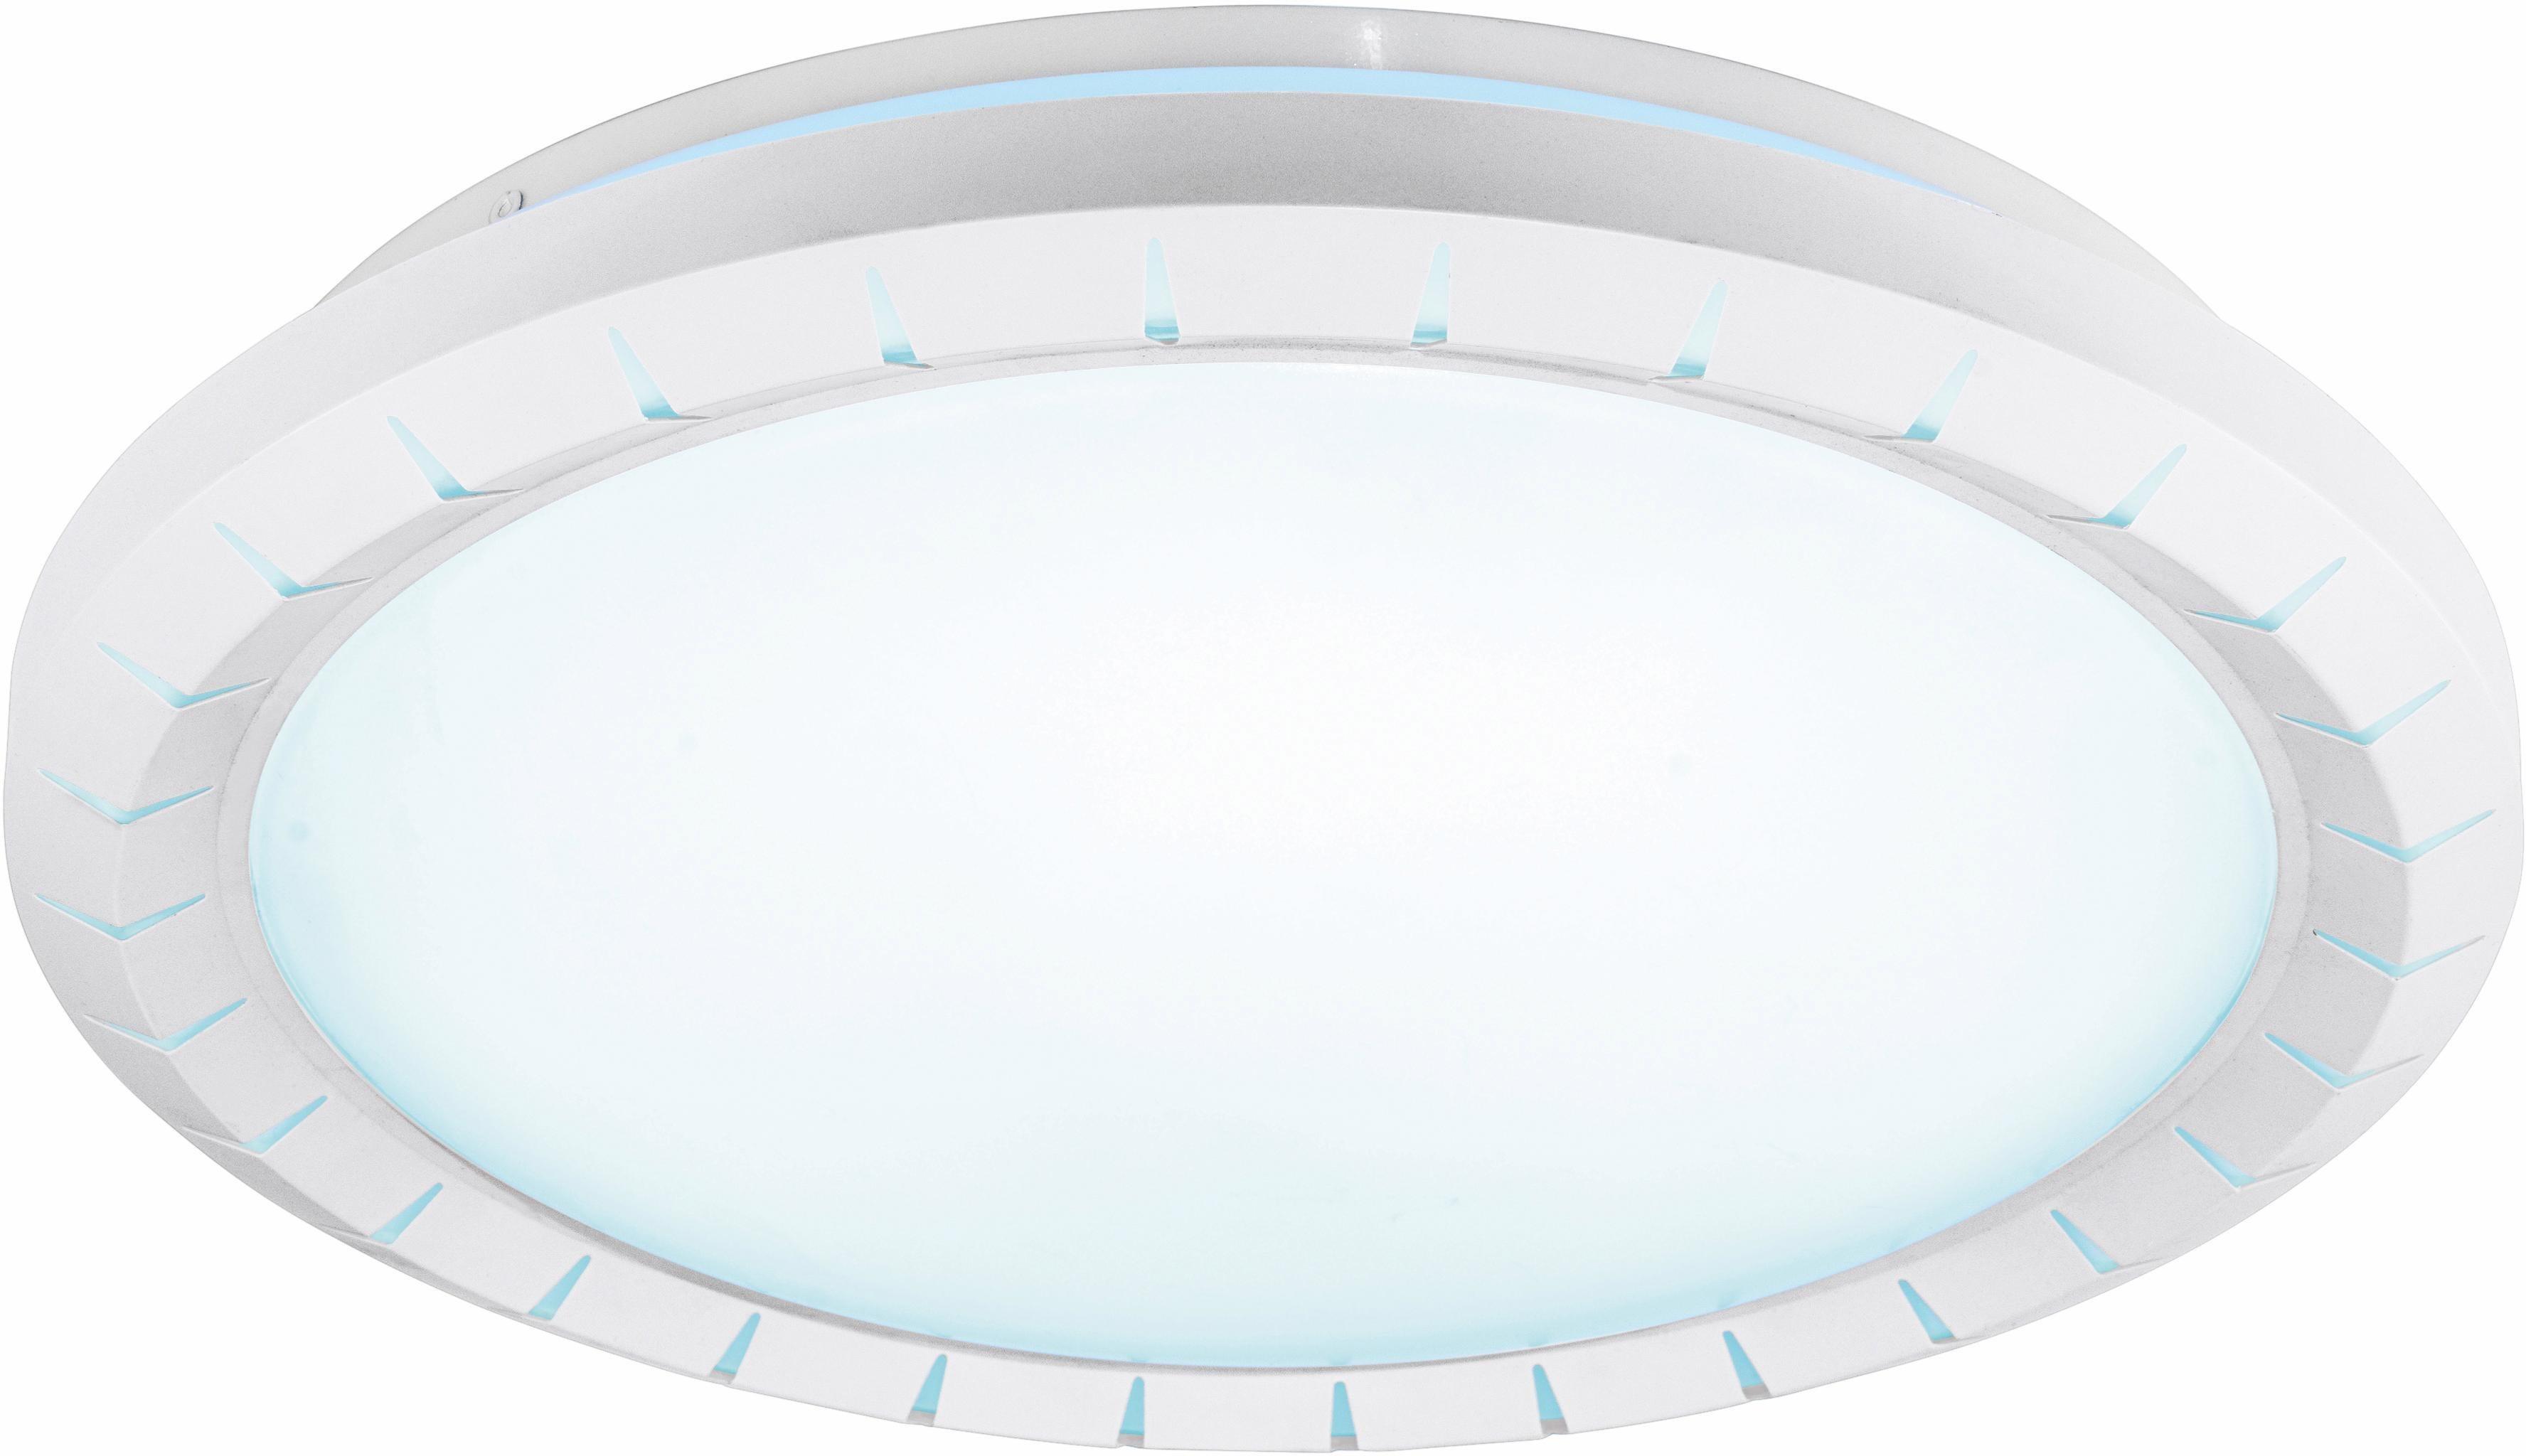 eglo led deckenleuchte 1flg gusama wei online kaufen bei woonio. Black Bedroom Furniture Sets. Home Design Ideas